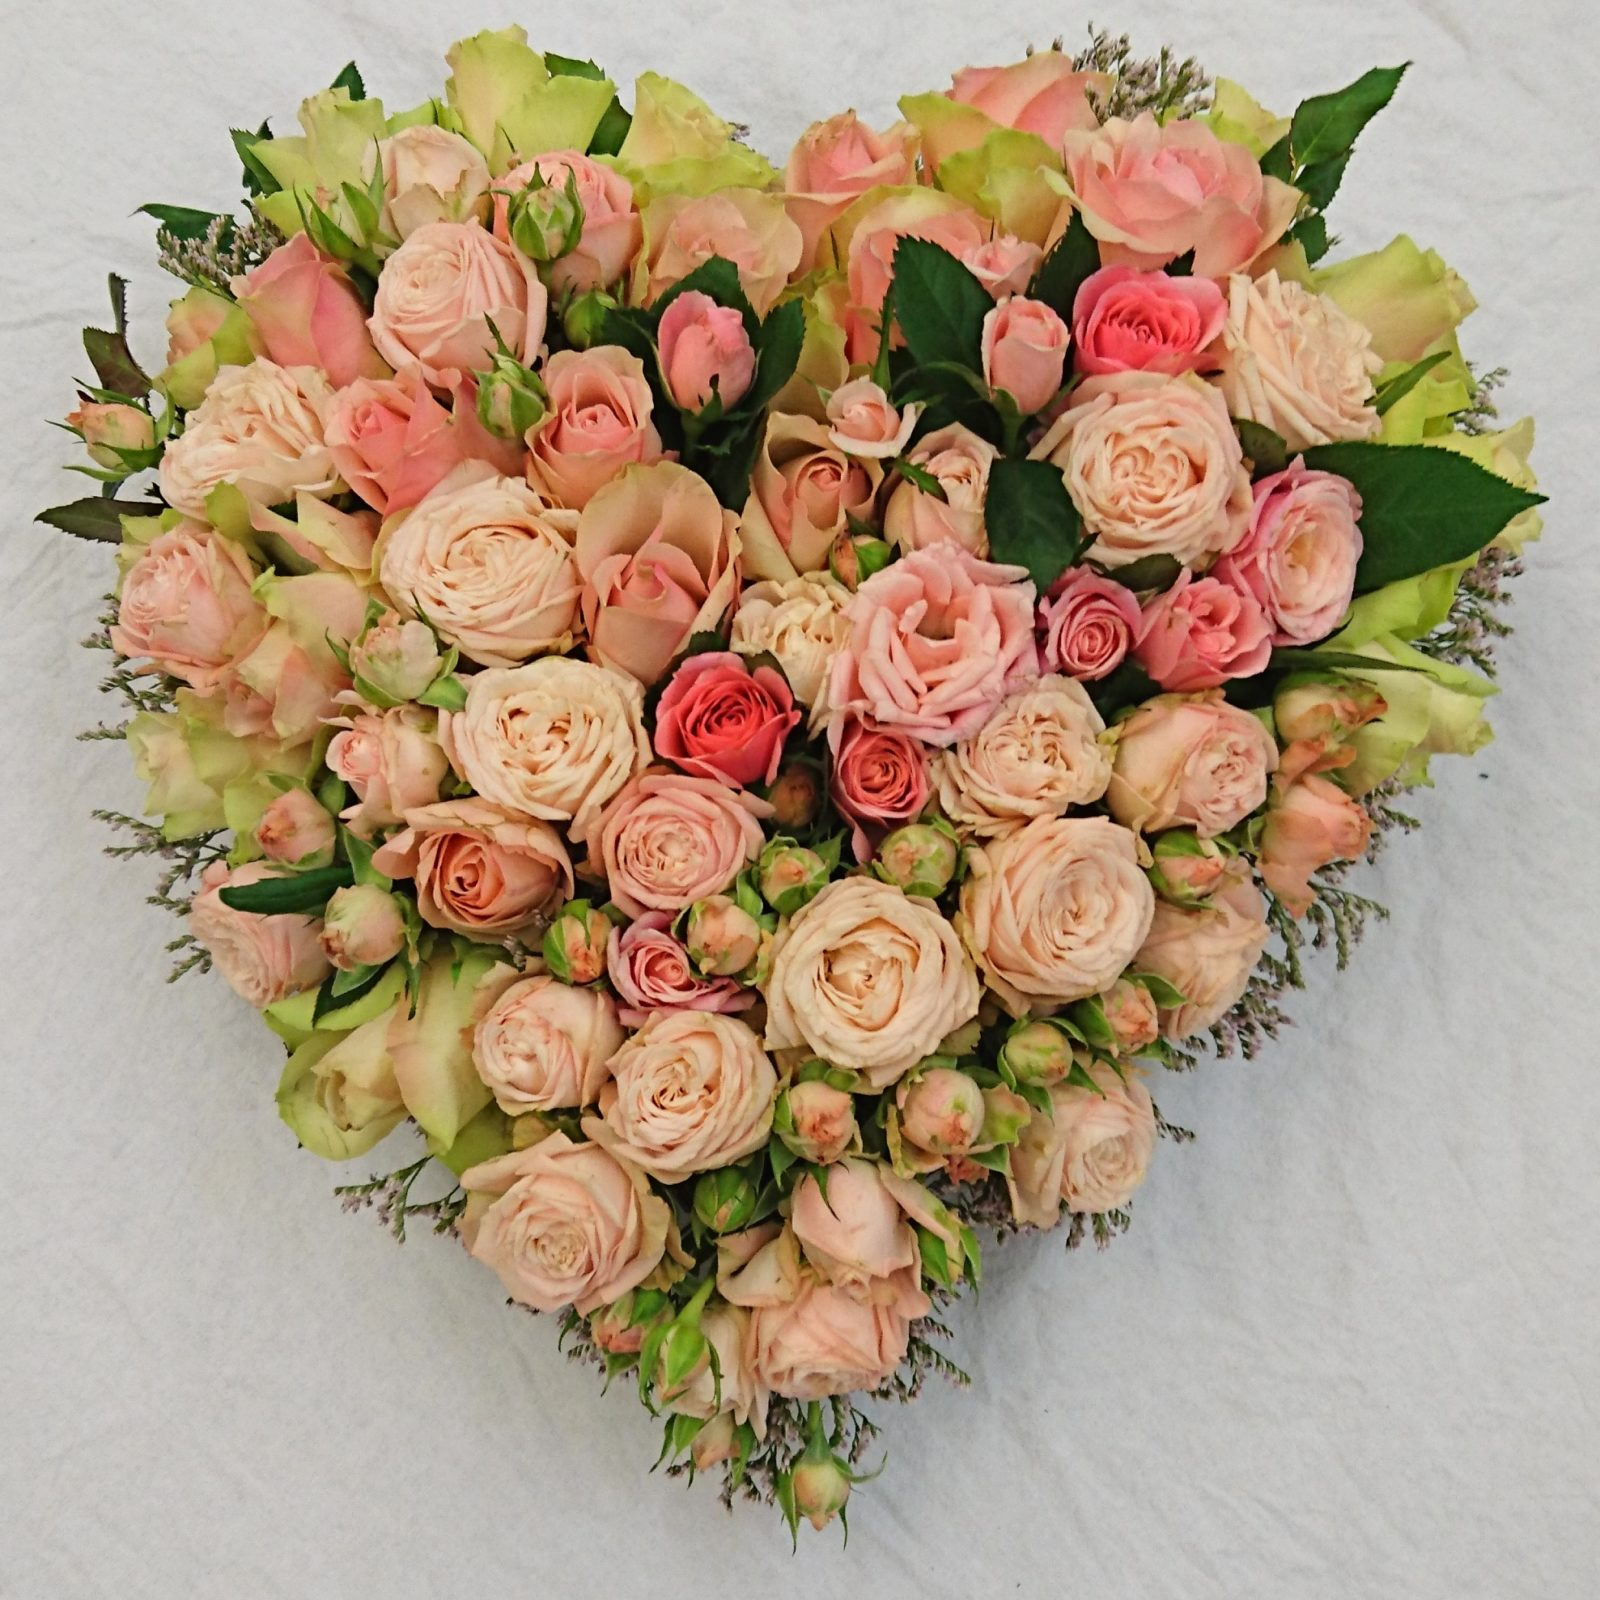 Blomsterhjerte-i-rosa-og-lysegront.jpg